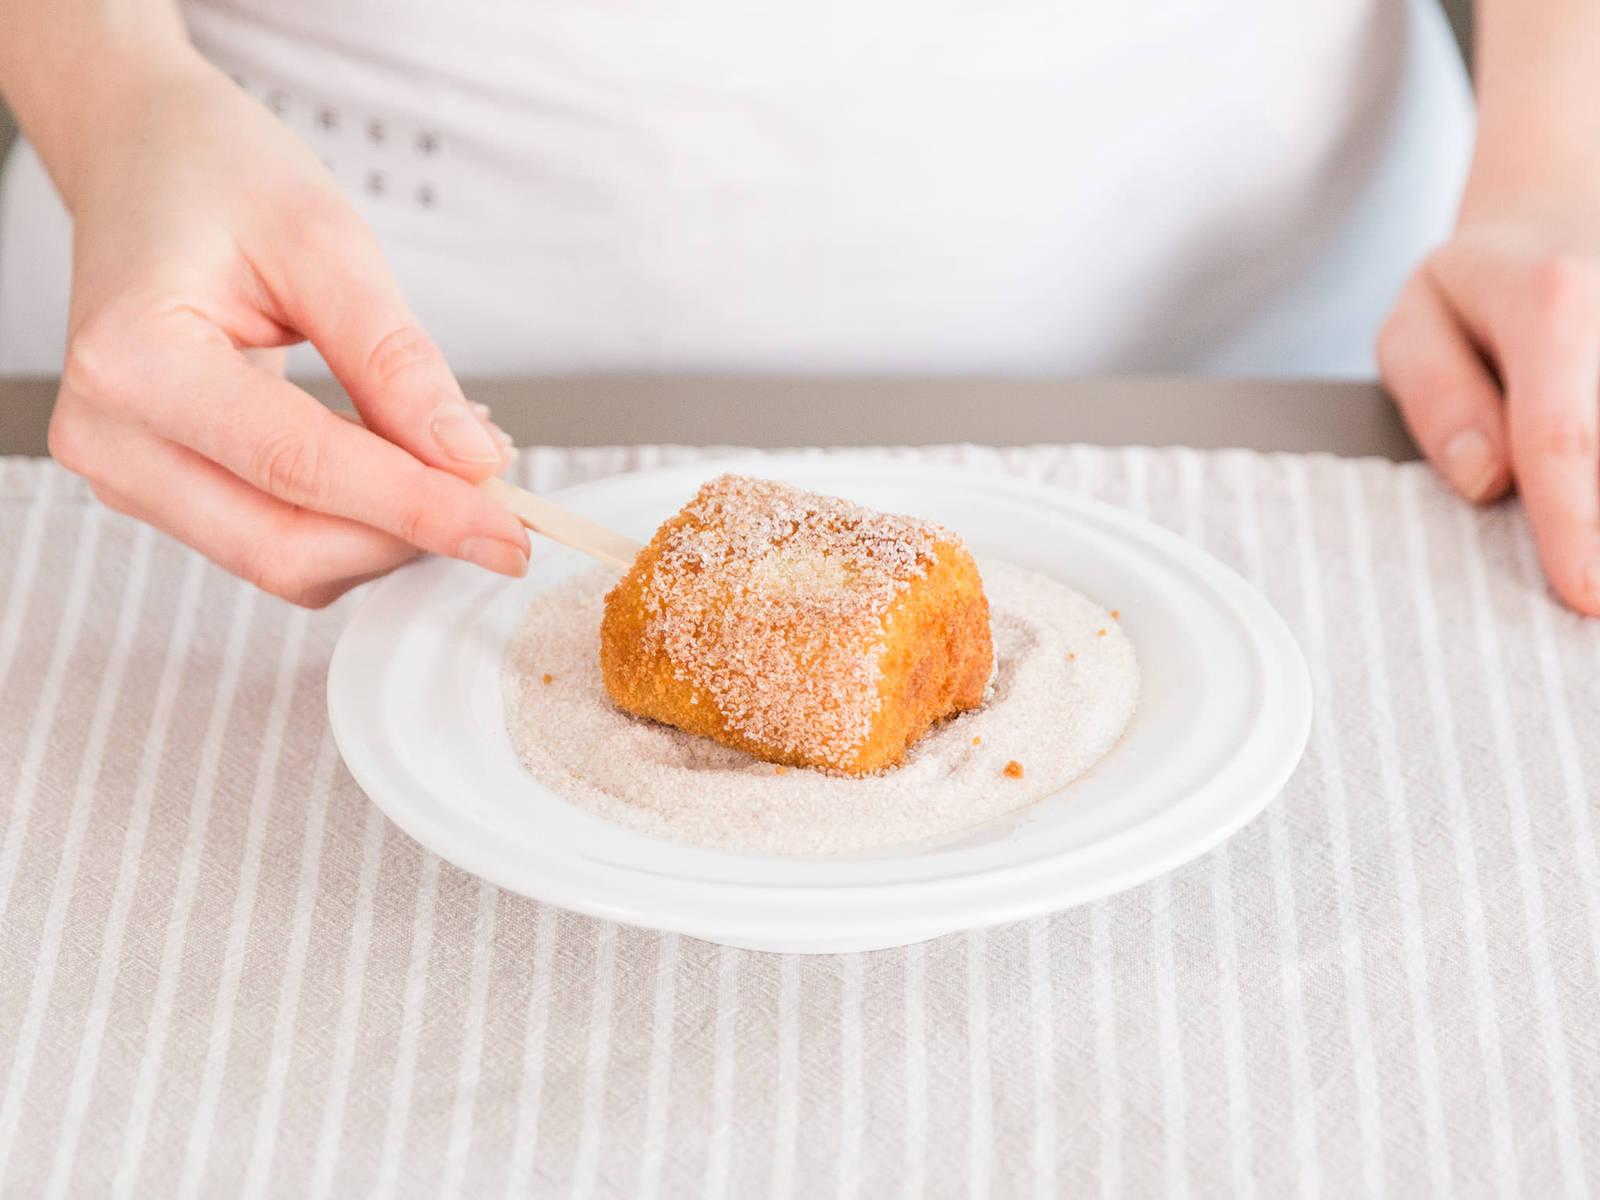 Die fertigen Leche Frita mit einem Eisstiel befestigen. Zimt mit Zucker in einem tiefen Teller oder einer flachen Schale mischen und die frittierten Quadrate darin wälzen, solange sie noch warm sind. Guten Appetit!